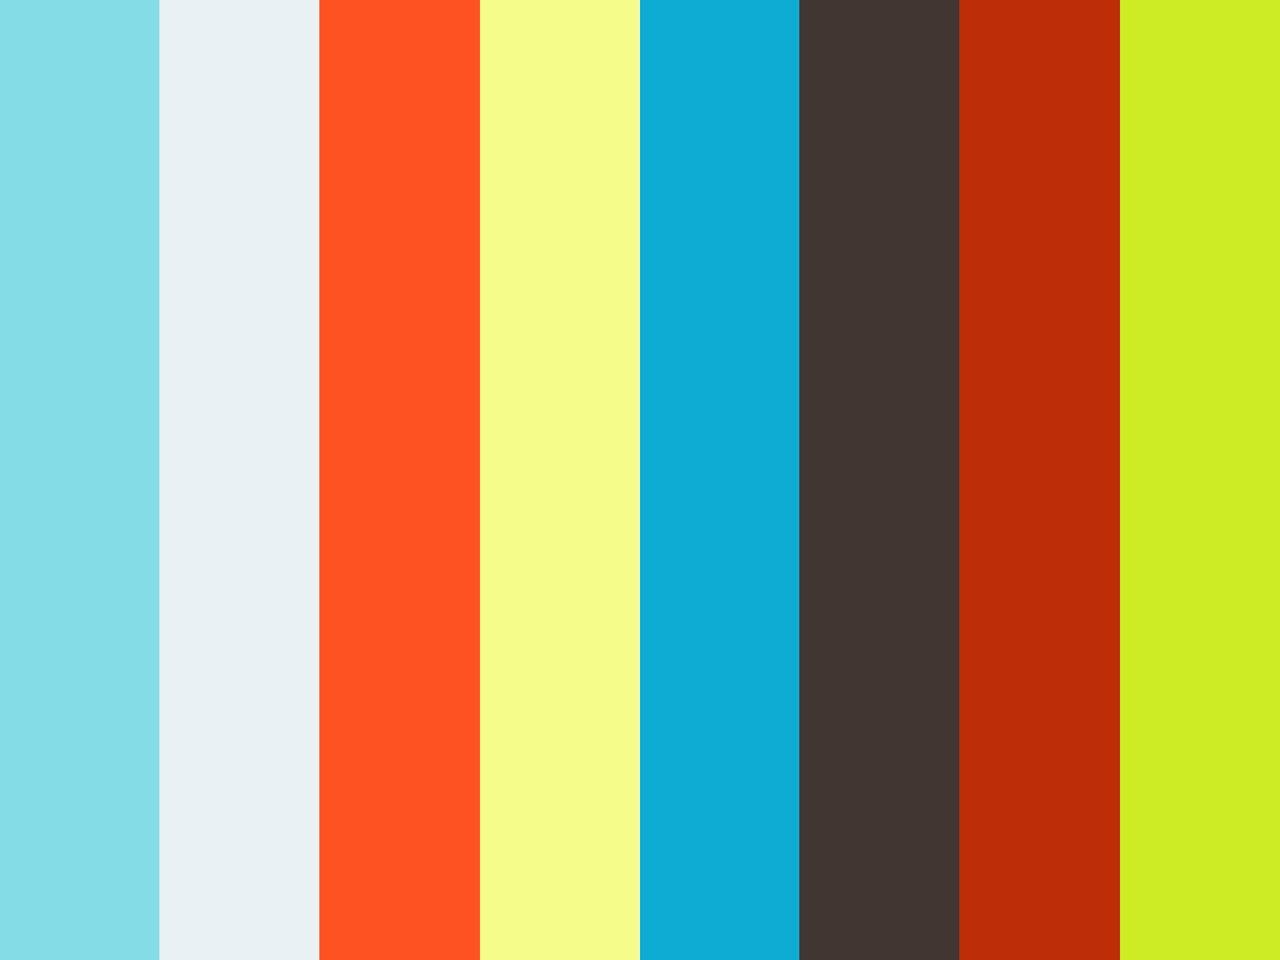 ΕΡΑΣΜΕΙΟΣ ΕΛΛΗΝΟΓΕΡΜΑΝΙΚΗ ΣΧΟΛΗ / ΚΑΛΟΚΑΙΡΙΝΕΣ ΕΚΔΗΛΩΣΕΙΣ 2016